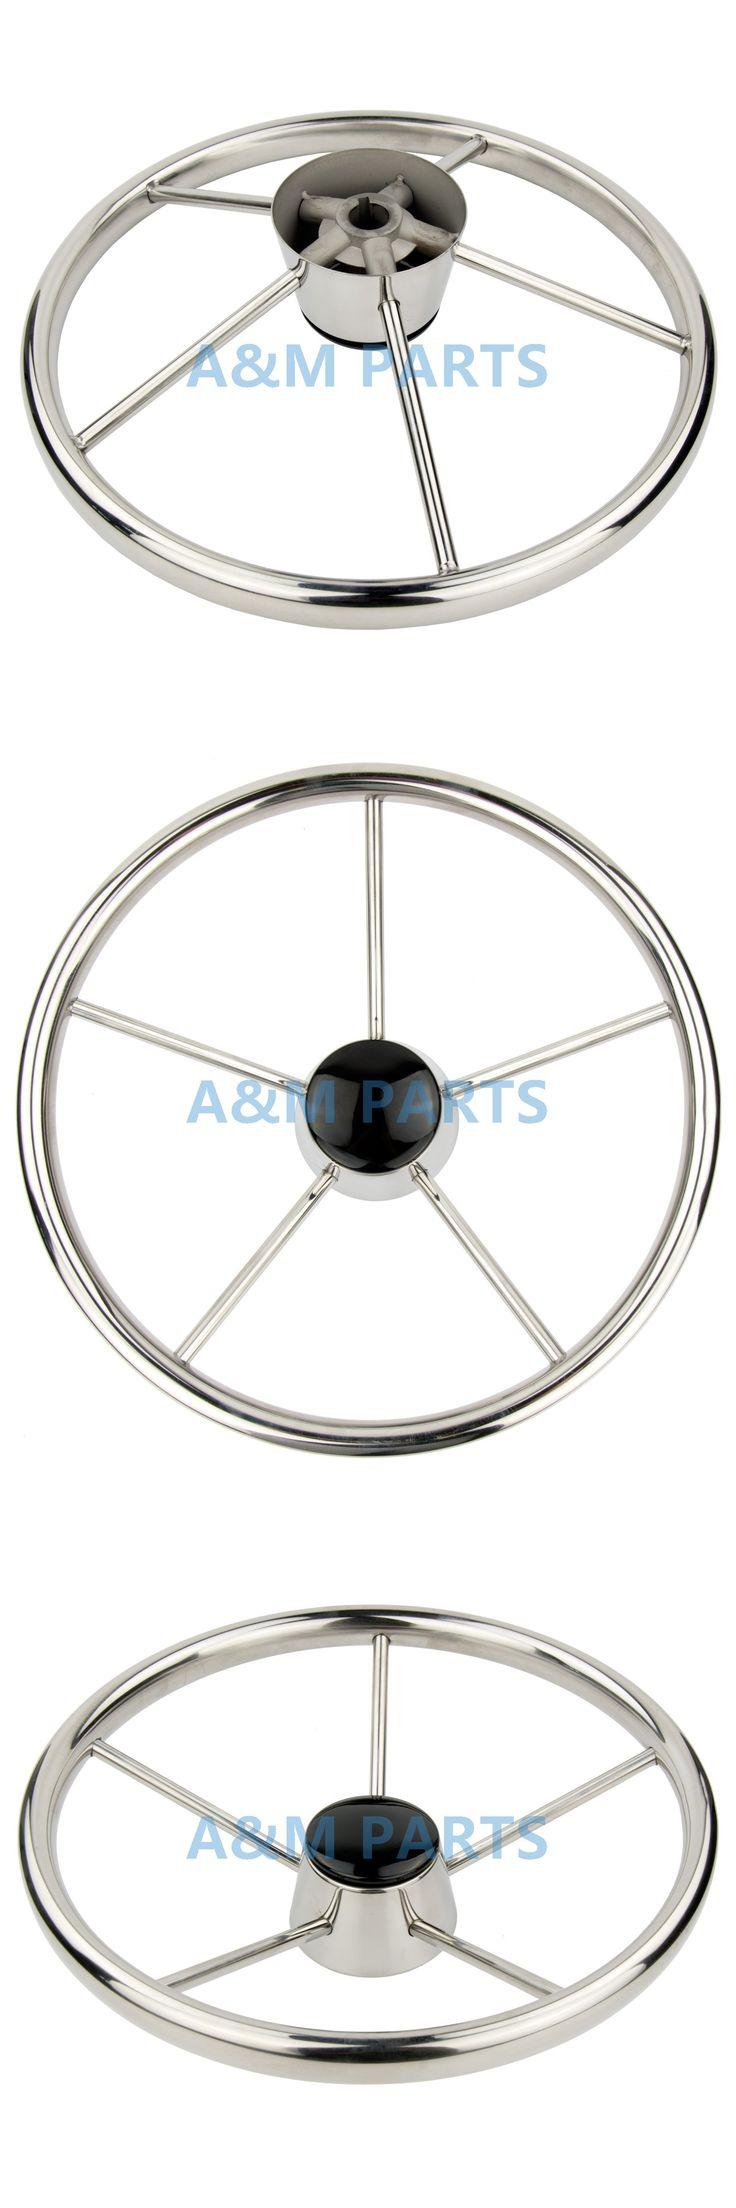 13.5'' Boat Steering Wheel Stainless Steel Marine Steering 5 Spoke 25 Degree